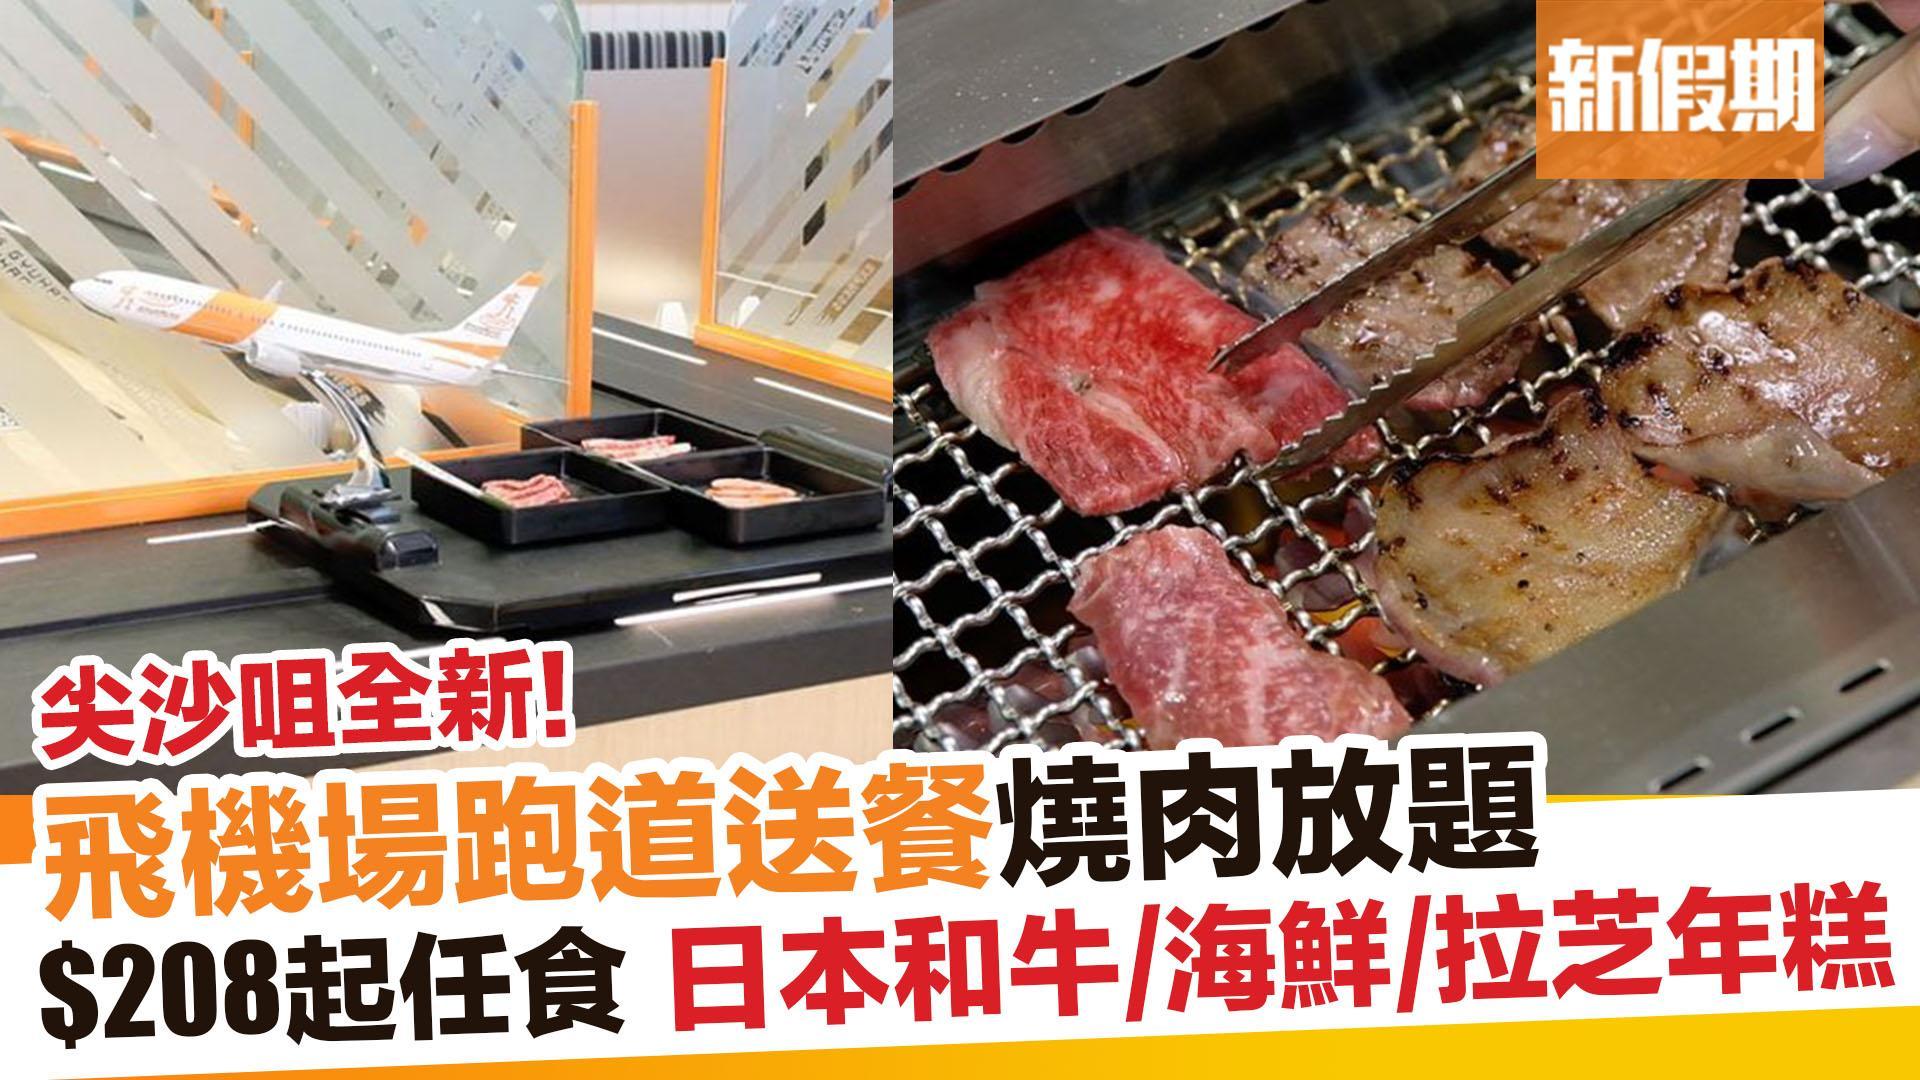 【區區搵食】牛八和牛燒肉屋新主題「牛八Express」尖沙咀開幕! 新假期